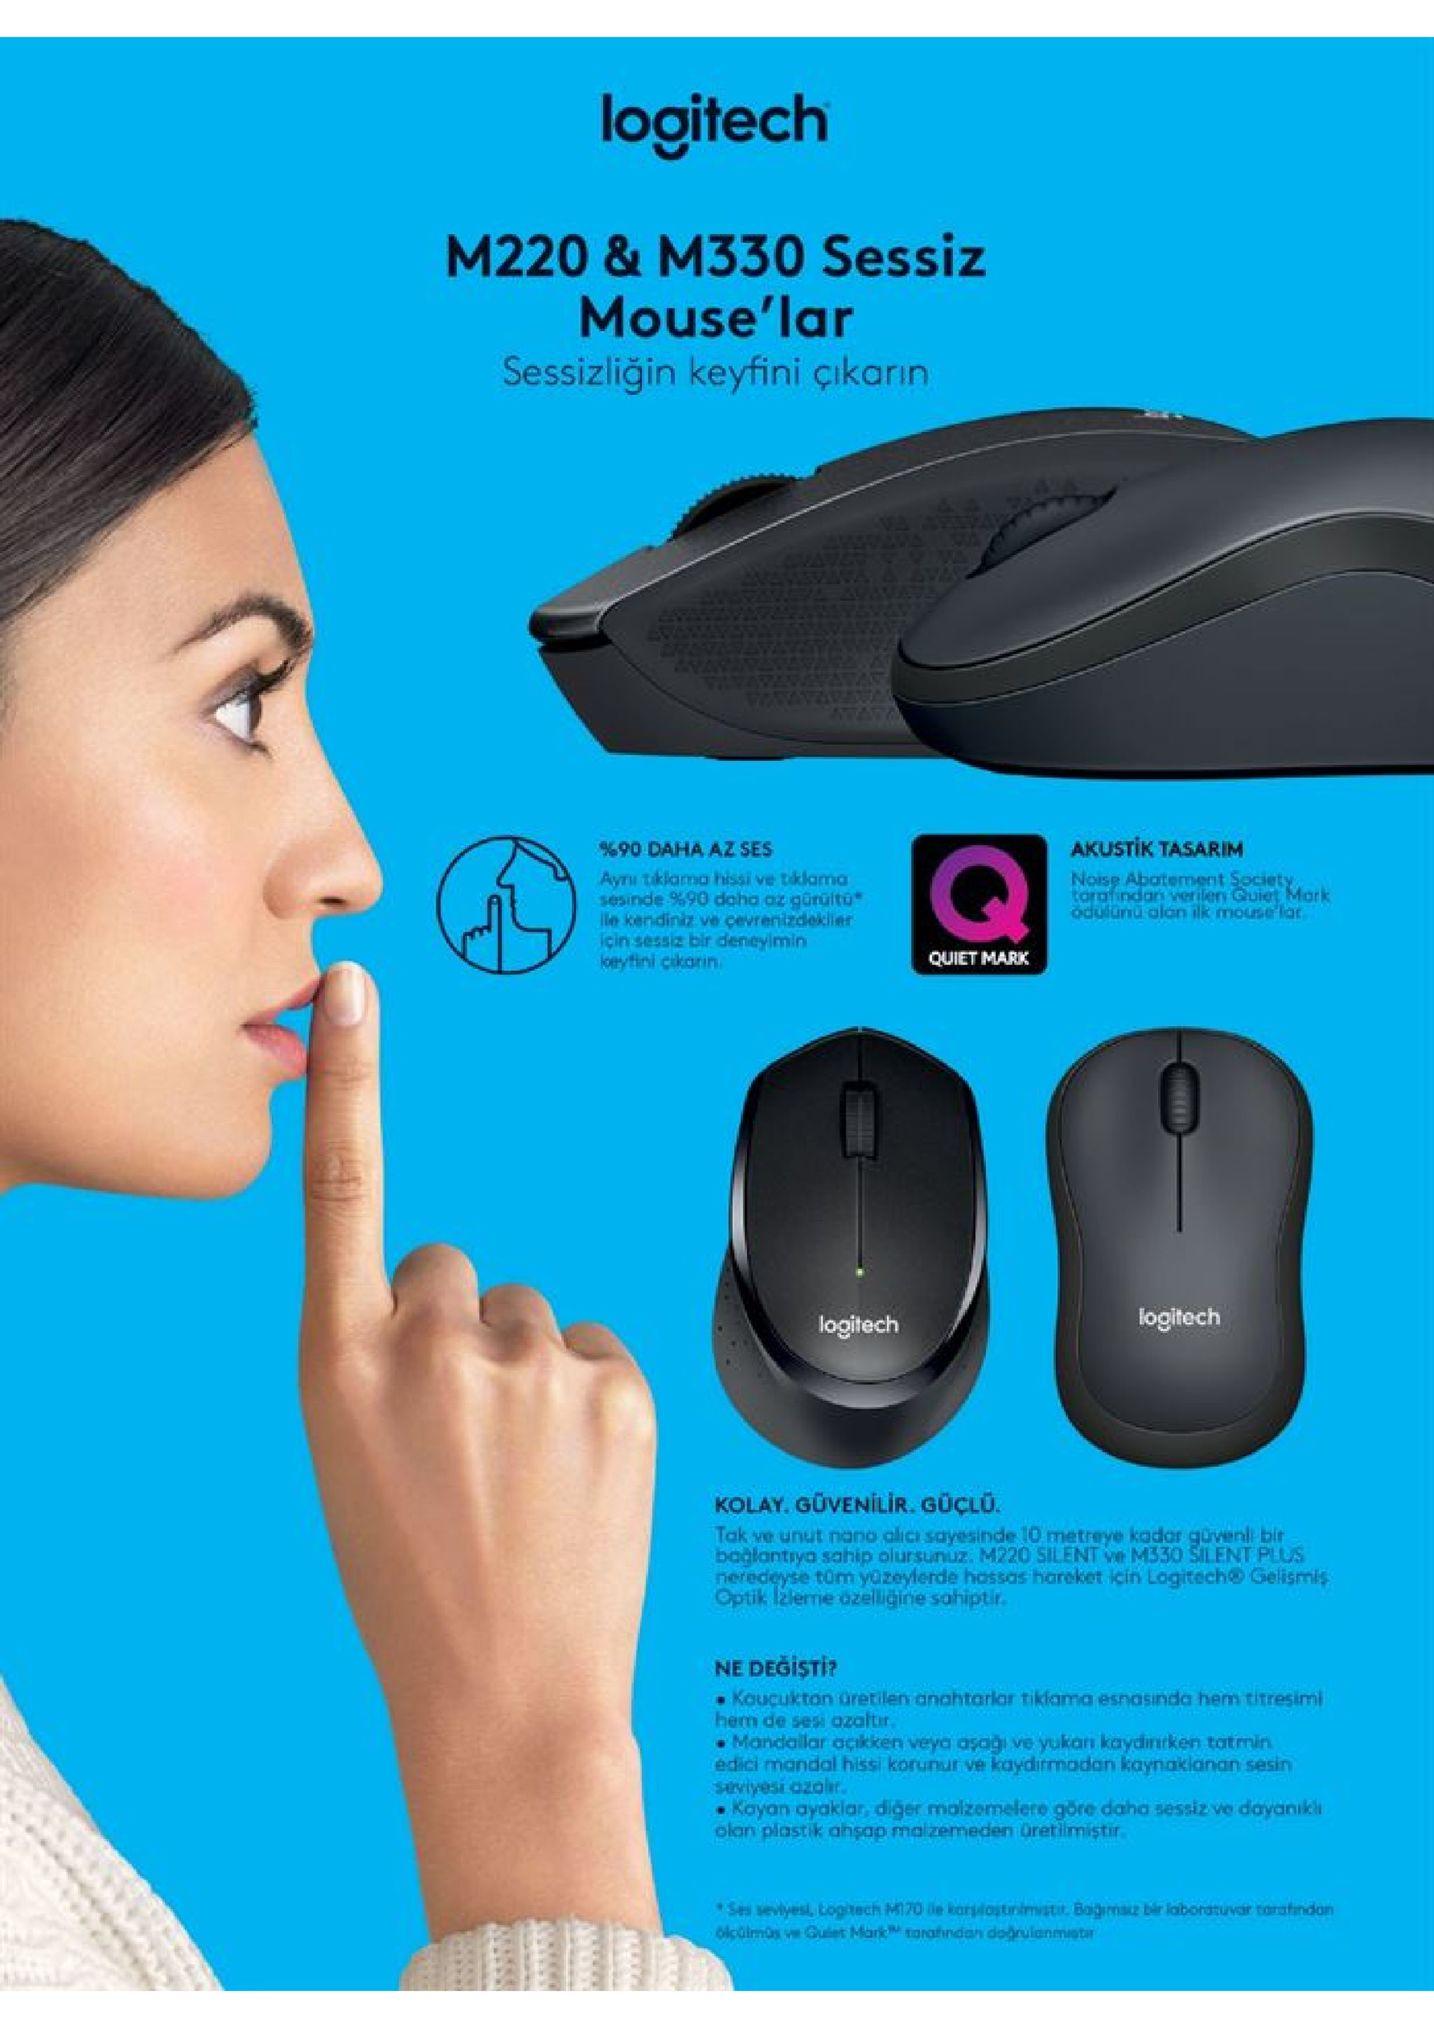 logitech m220 & m330 sessiz mouse'lar sessizliğin keyfini çikarın akustik tasarim 90 daha az ses aynı tiklama hissi ve tklama sesinde %90 daha az gürültu ile kendiniz ve çevrenizdekller icin sessiz bir deneylmin keyfini cikarin noise abatement spciety tarafindan verilery guiet mark odulunu alan ilk mouse lar quiet mark logitech logitech kolay. güvenilir. güçlu. tak ve unut nano alicı sayesinde 10 metreye kador güvenl bir bağlantrya sahip olursunuz. m220 silent ve m330 silent plus neredeyse tüm yozeylerde hassas hareket icin logitech@ gelismis optik lžleme dzelliğine sahiptir. ne degisti? koucukton üretilen anahtarlar tiklama esnasinda hem titresimi hem de sesi azaltir mandallar açikken veya asağı ve yukan kaydinrken totmin edici mandal hissi korunur ve kaydirmadan kaynakianan sesin saviyesi ozolir. kayan ayaklar, diger malzemelere göre daha sessiz ve dayanıkli olan plastik ahsap malzemeden üretlimiştir. ses sevlyesl, loghech m170 le korslostinimisti. bagm bir laboratuvar tarafindan olcüimos ve guiet mark torahndan dogrulanmistr